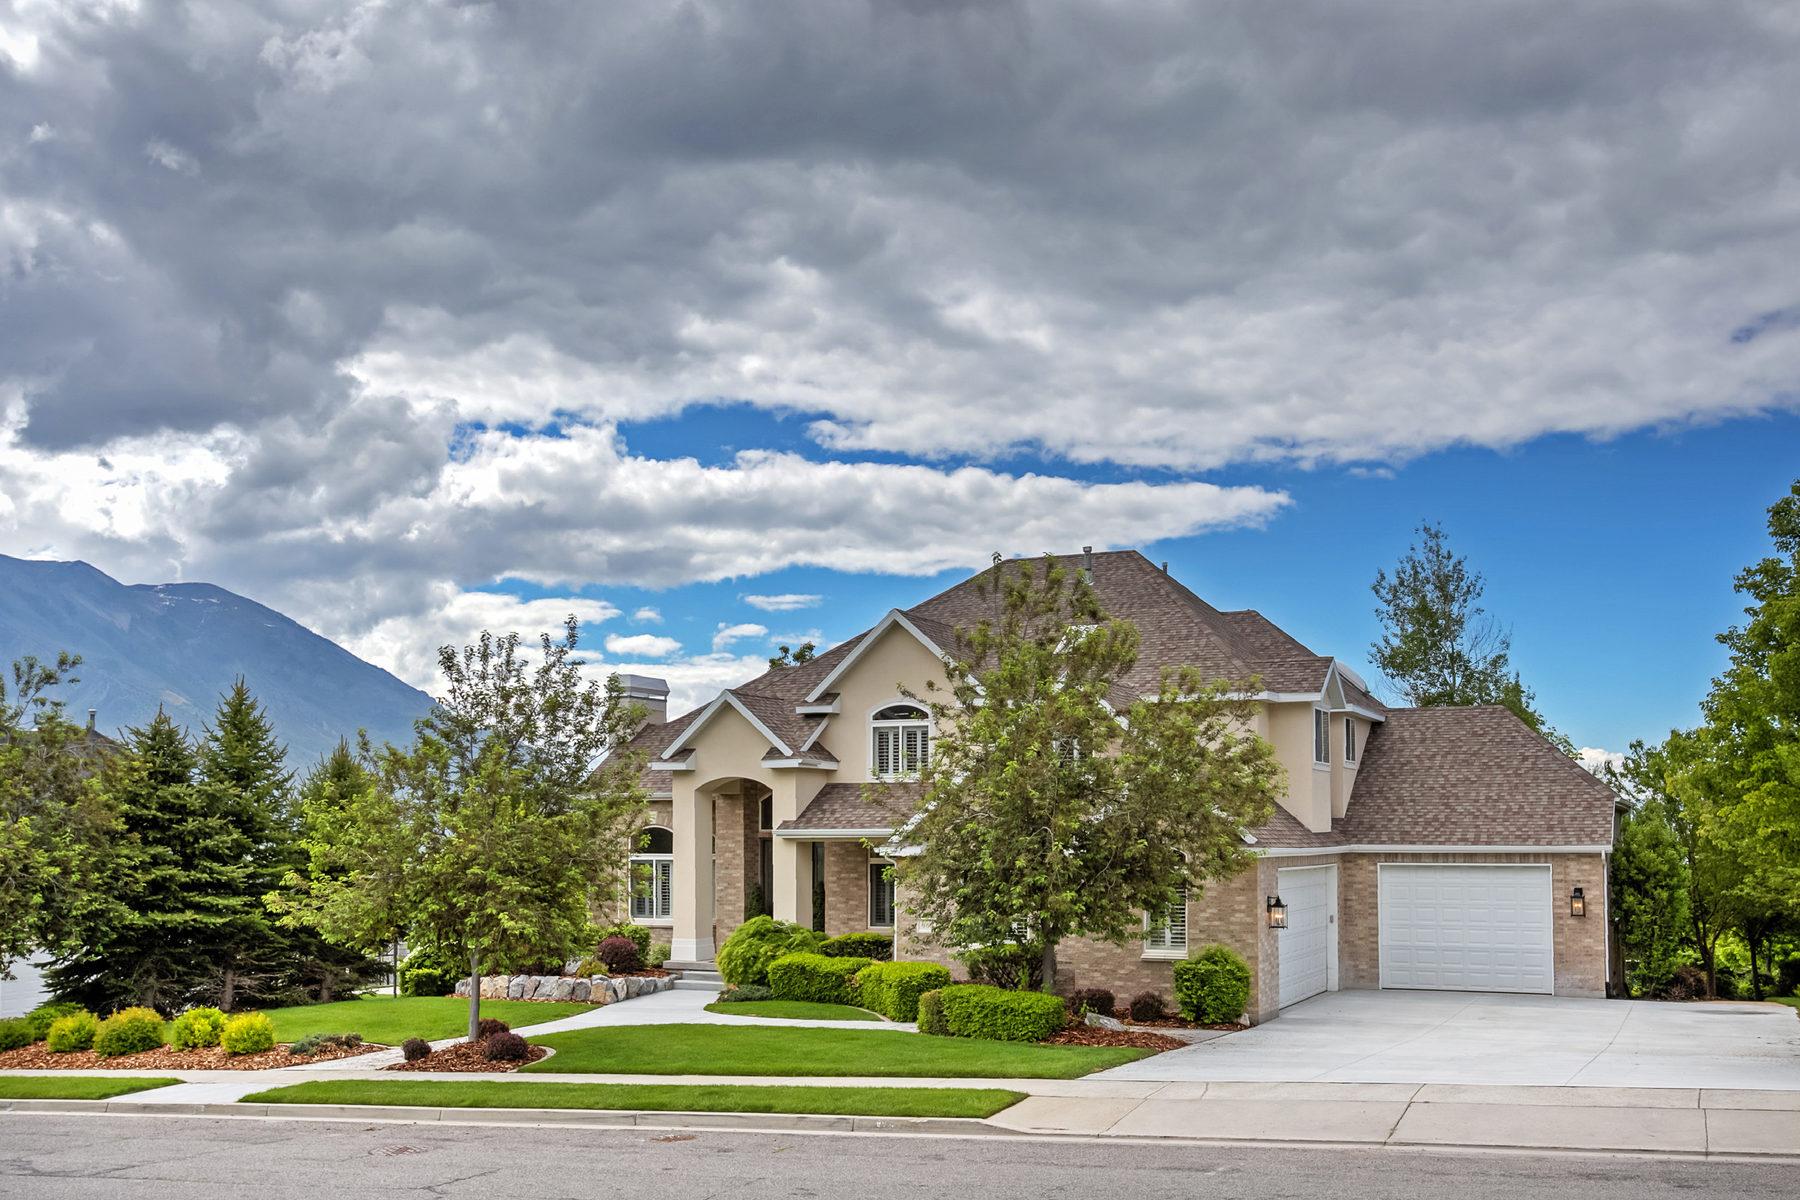 Einfamilienhaus für Verkauf beim Stunning Alpine Home with Breathtaking Views 665 W 600 N Alpine, Utah, 84004 Vereinigte Staaten